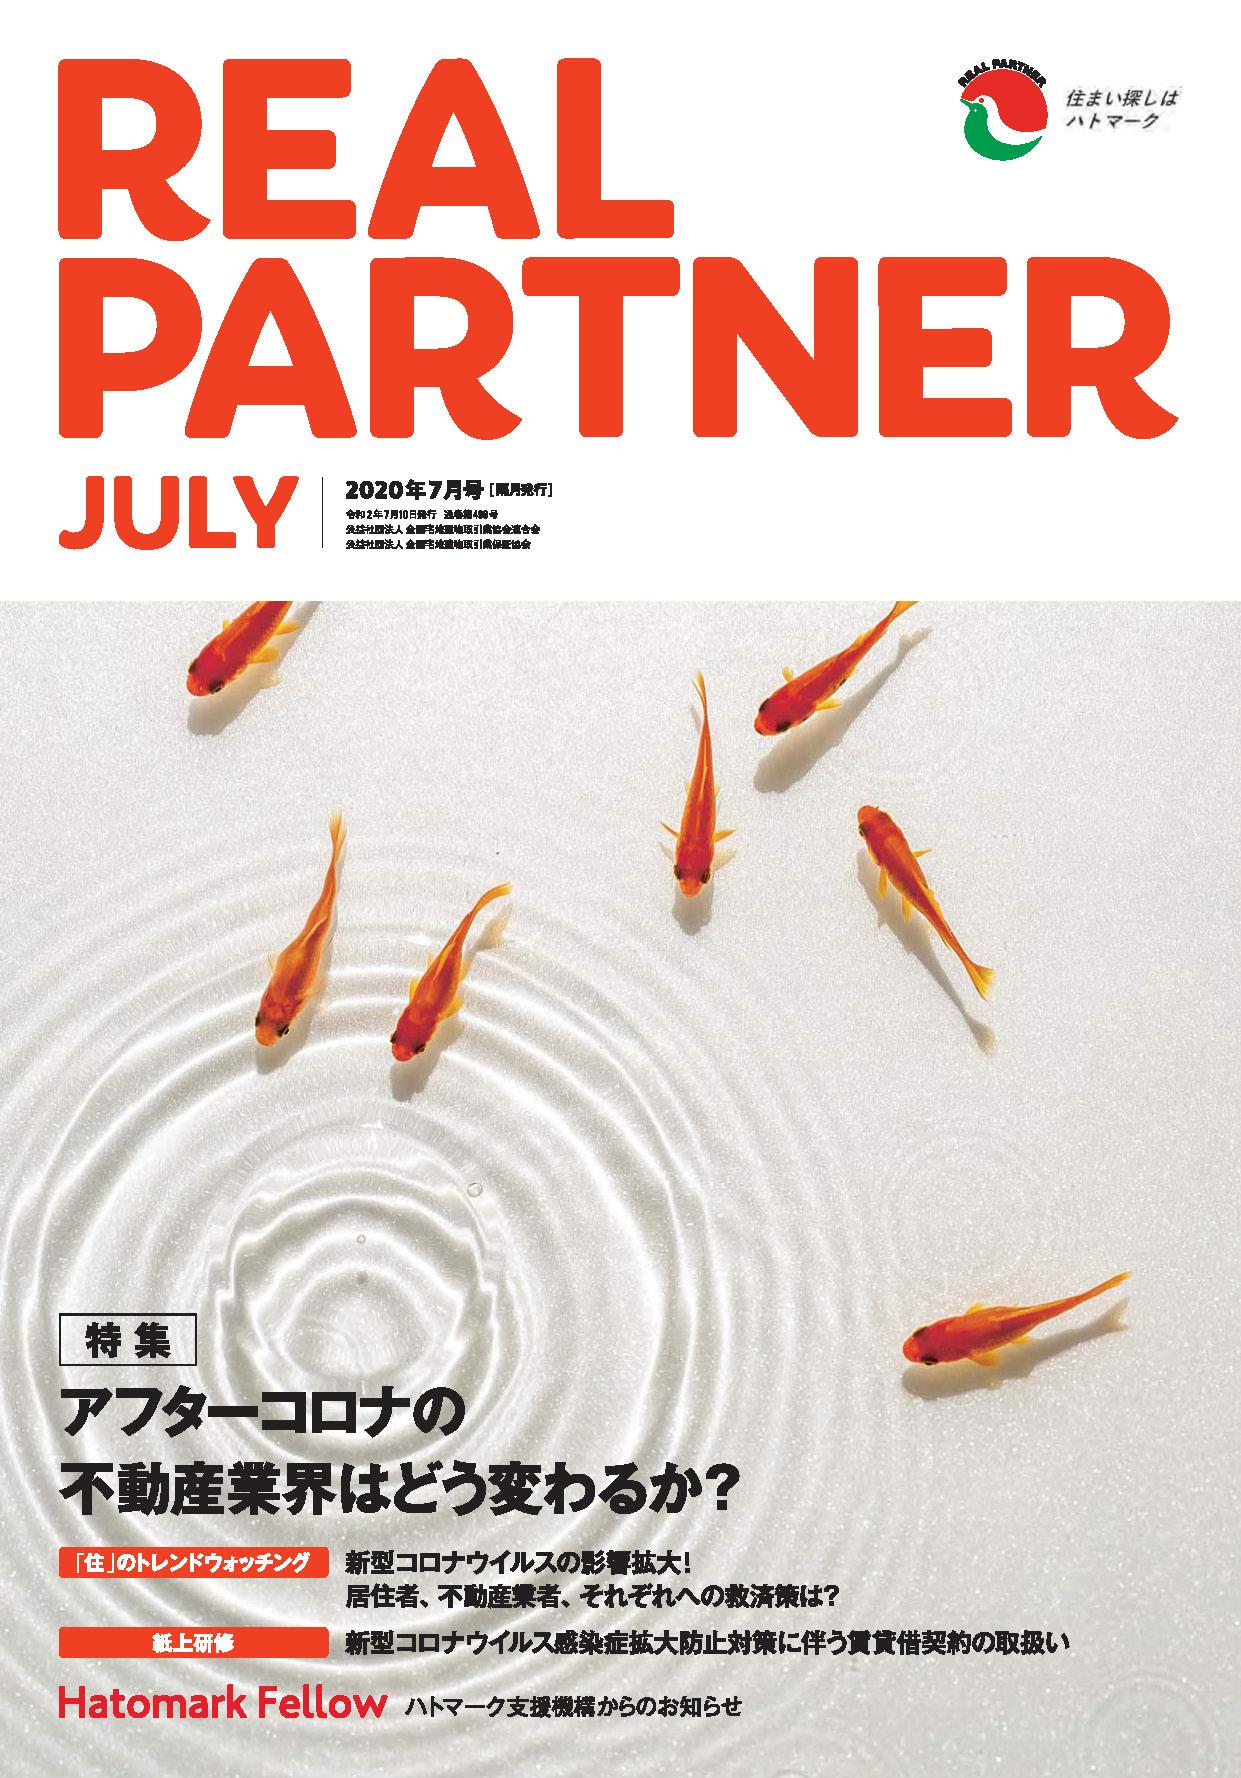 リアルパートナー2020年度年7月号:表紙